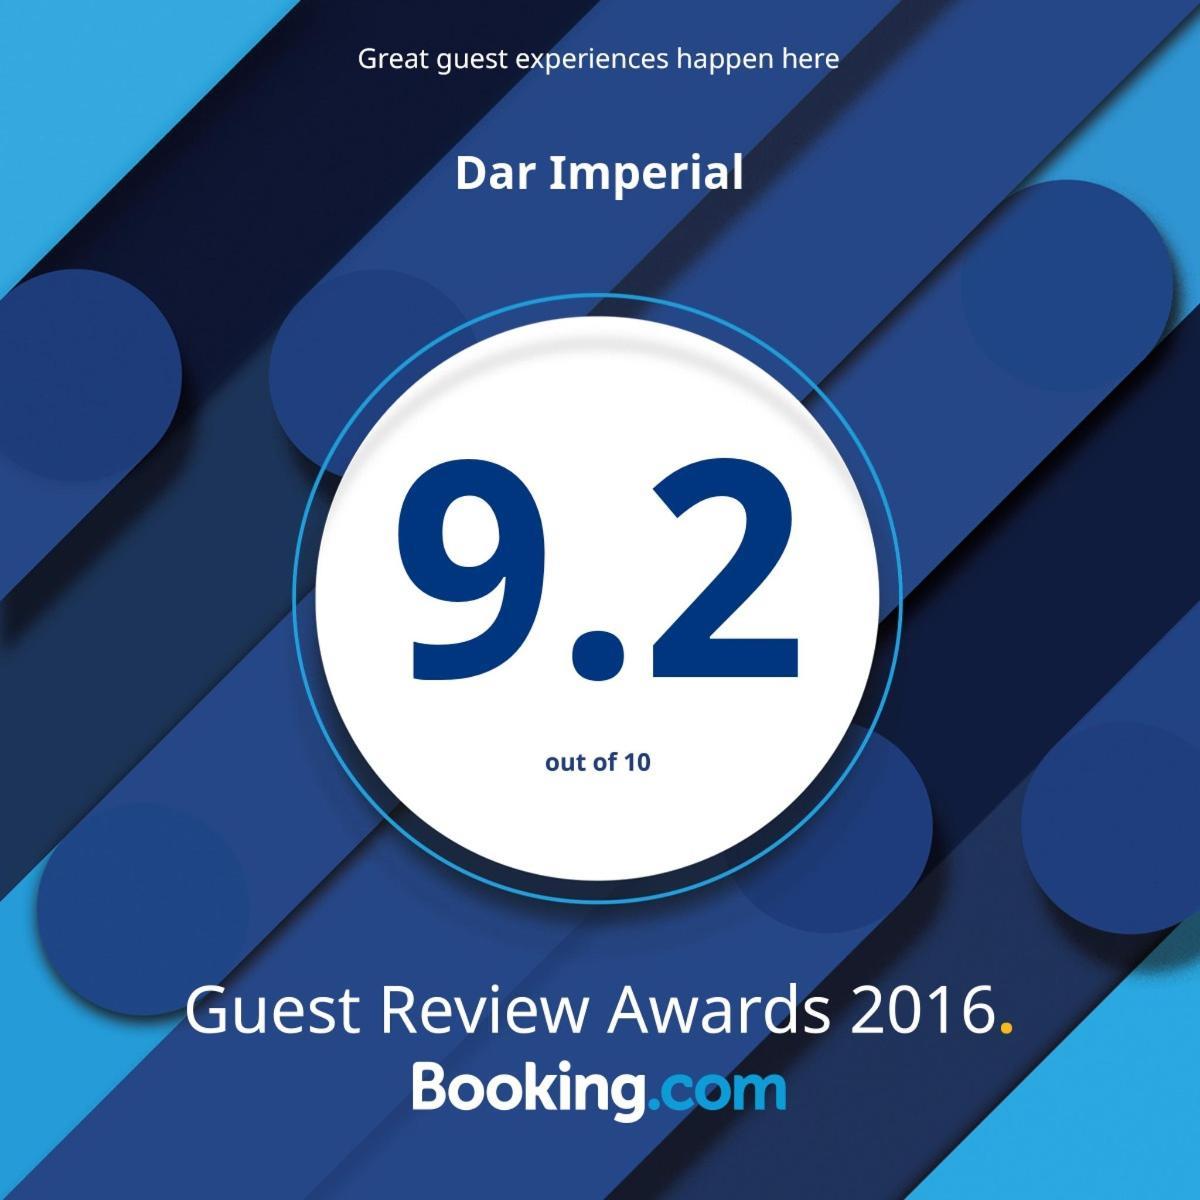 ¡Felicidades! ¡Has conseguido un premio Guest Review Award 2016!